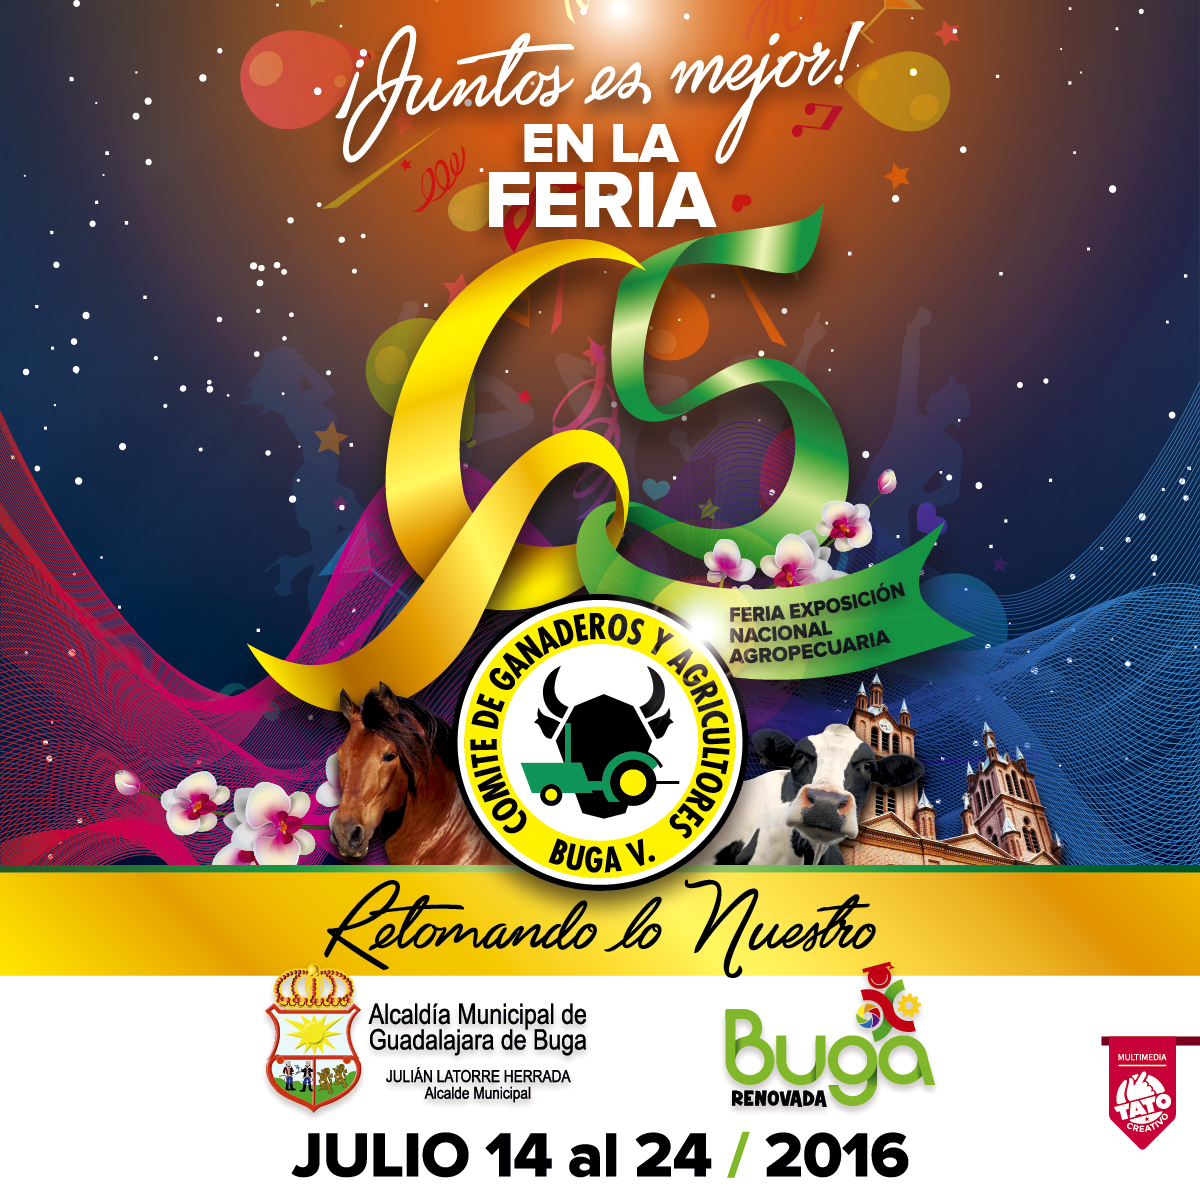 DEL 14 AL 24 DE JULIO VIVE LA FERIA MAS ANTIGUA DE COLOMBIA